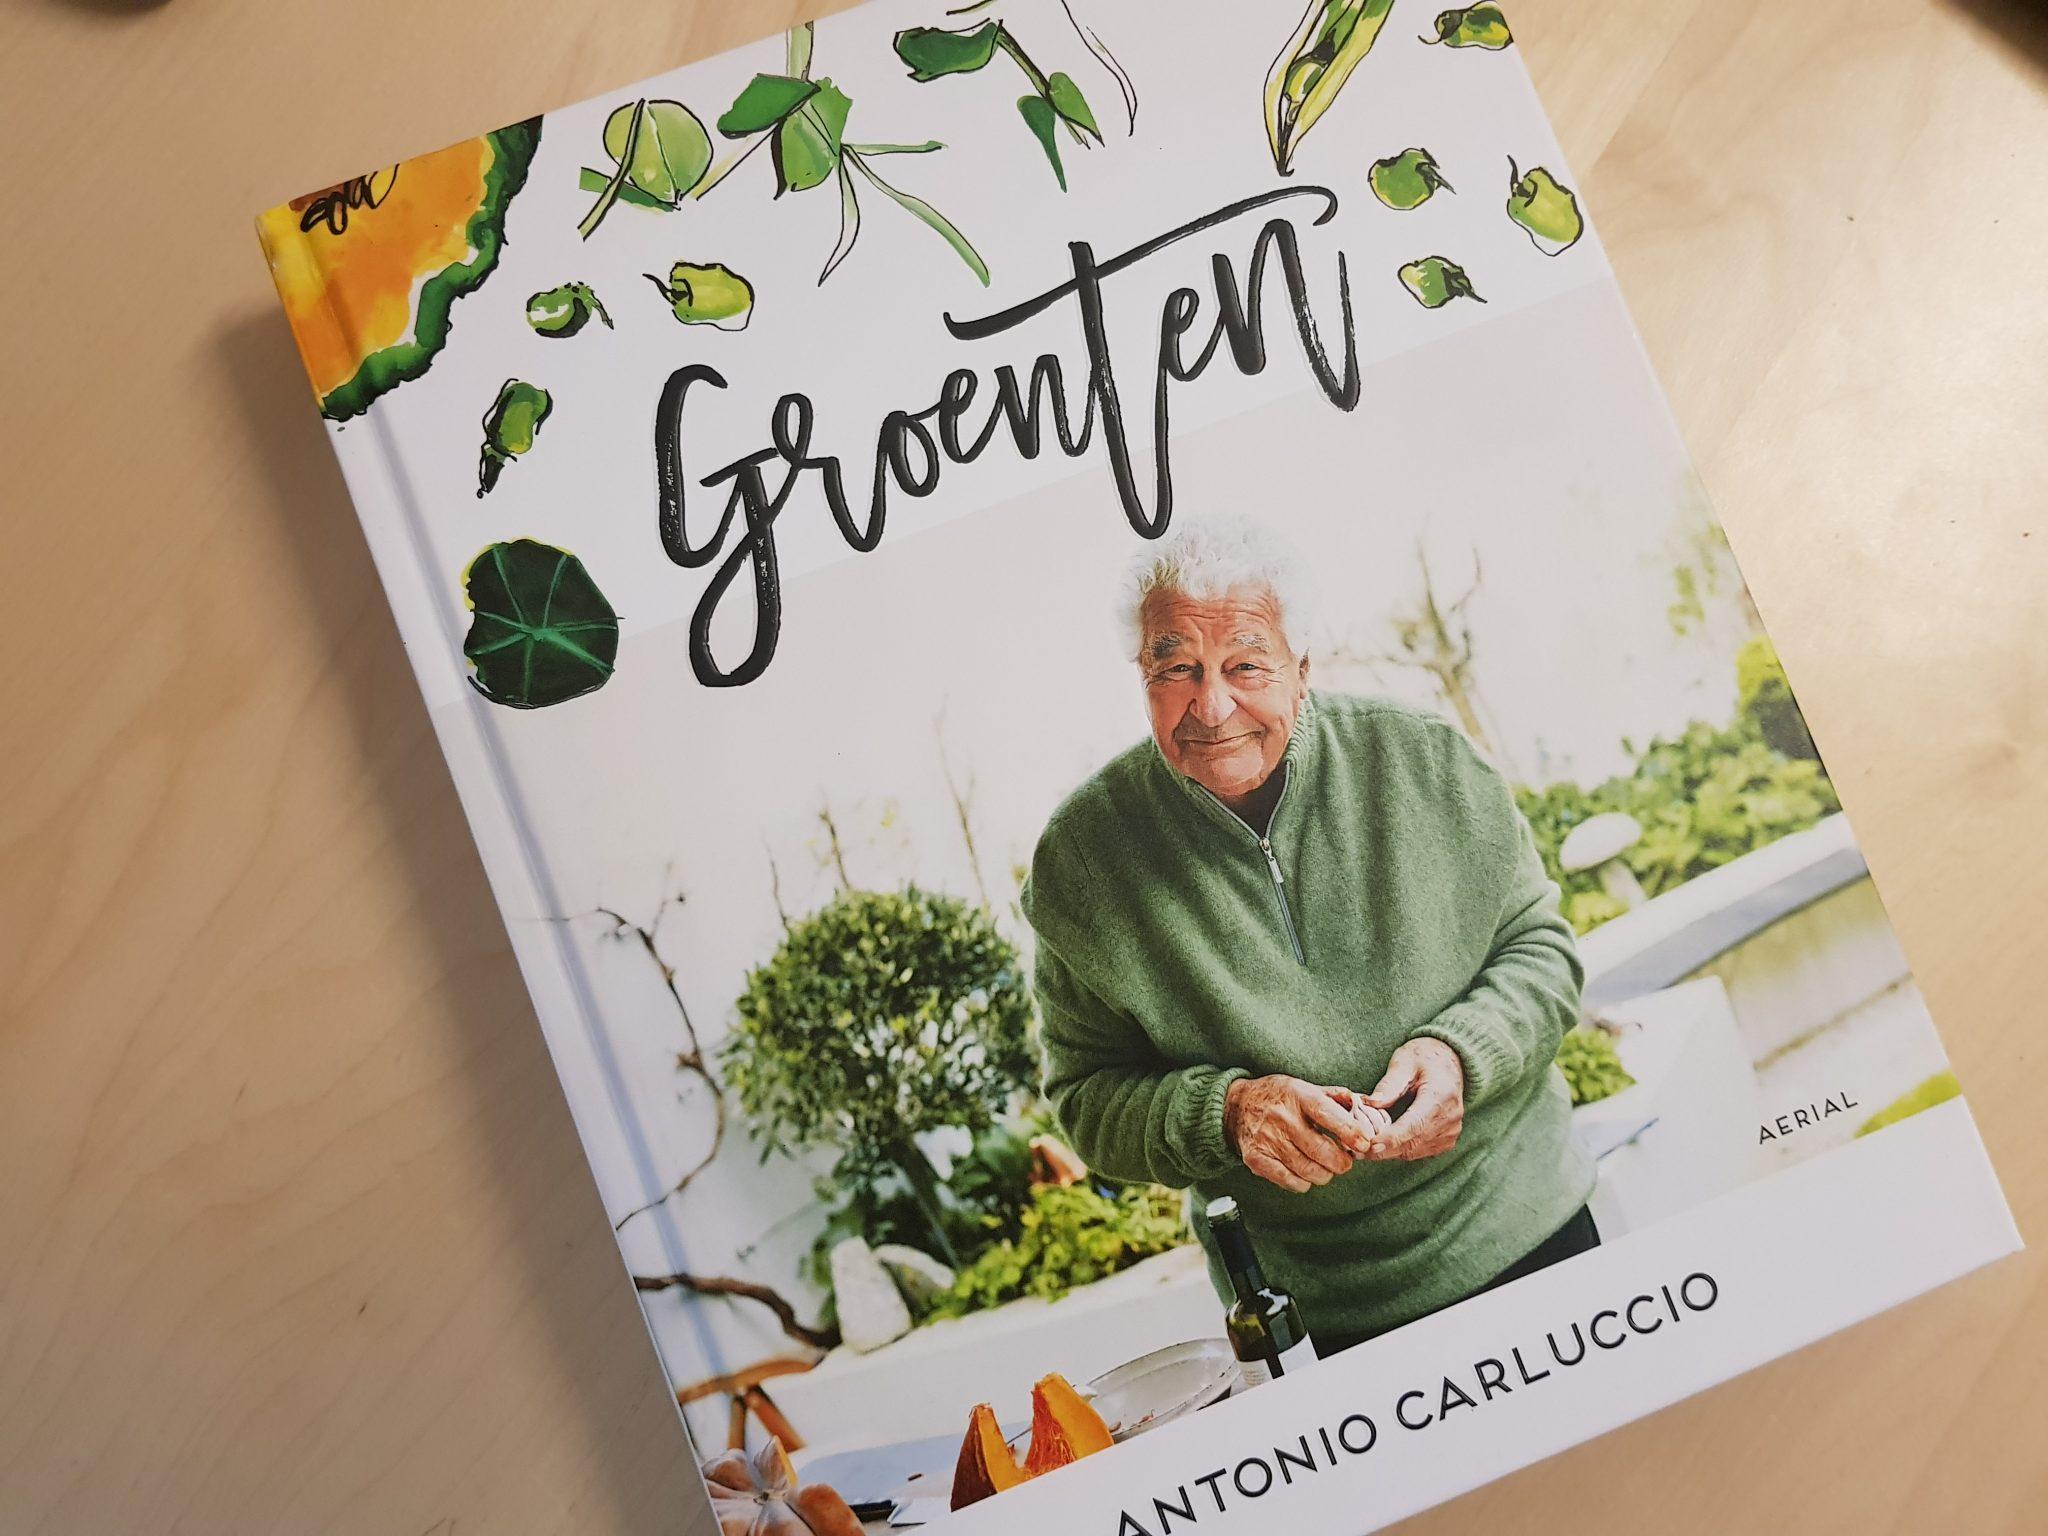 Groenten van Antonio Carluccio